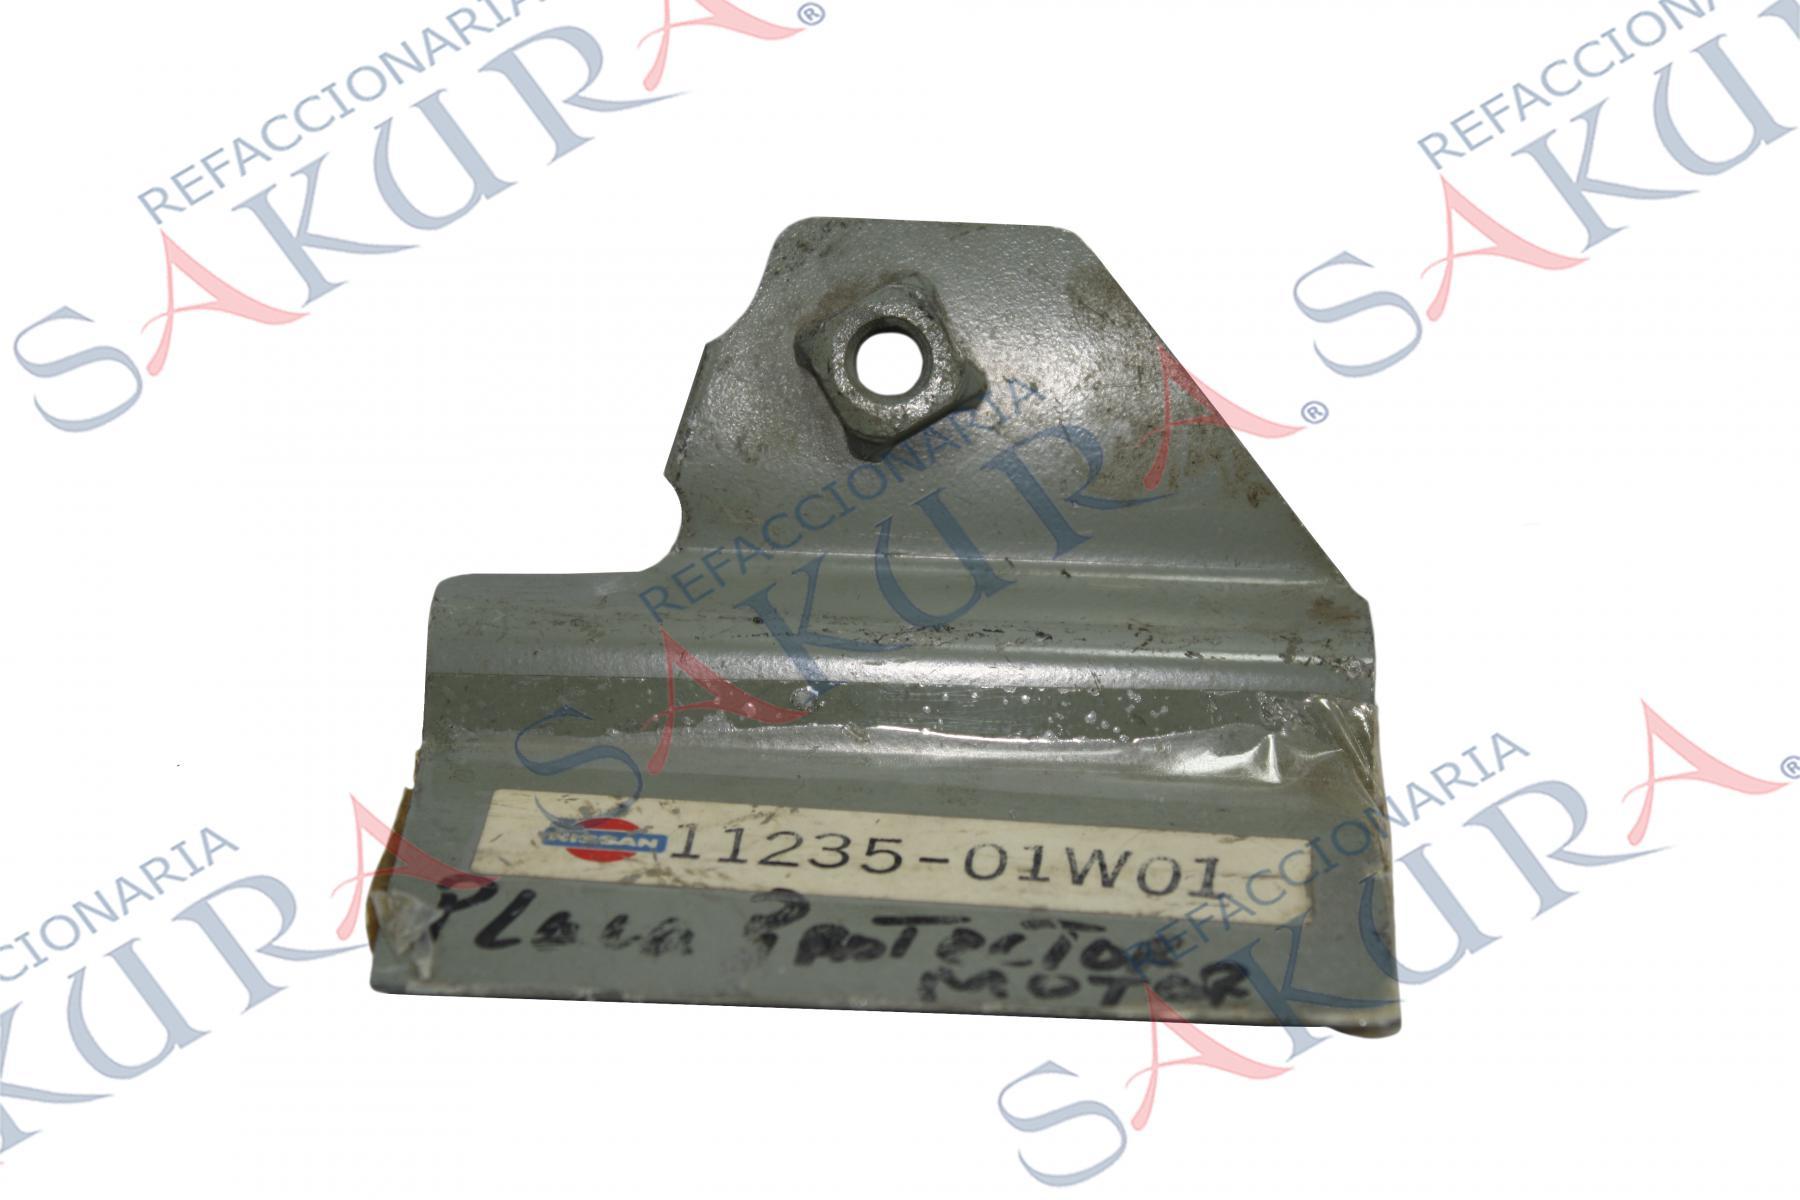 1123501W01, Placa Protectora de Motor  (Nissan)